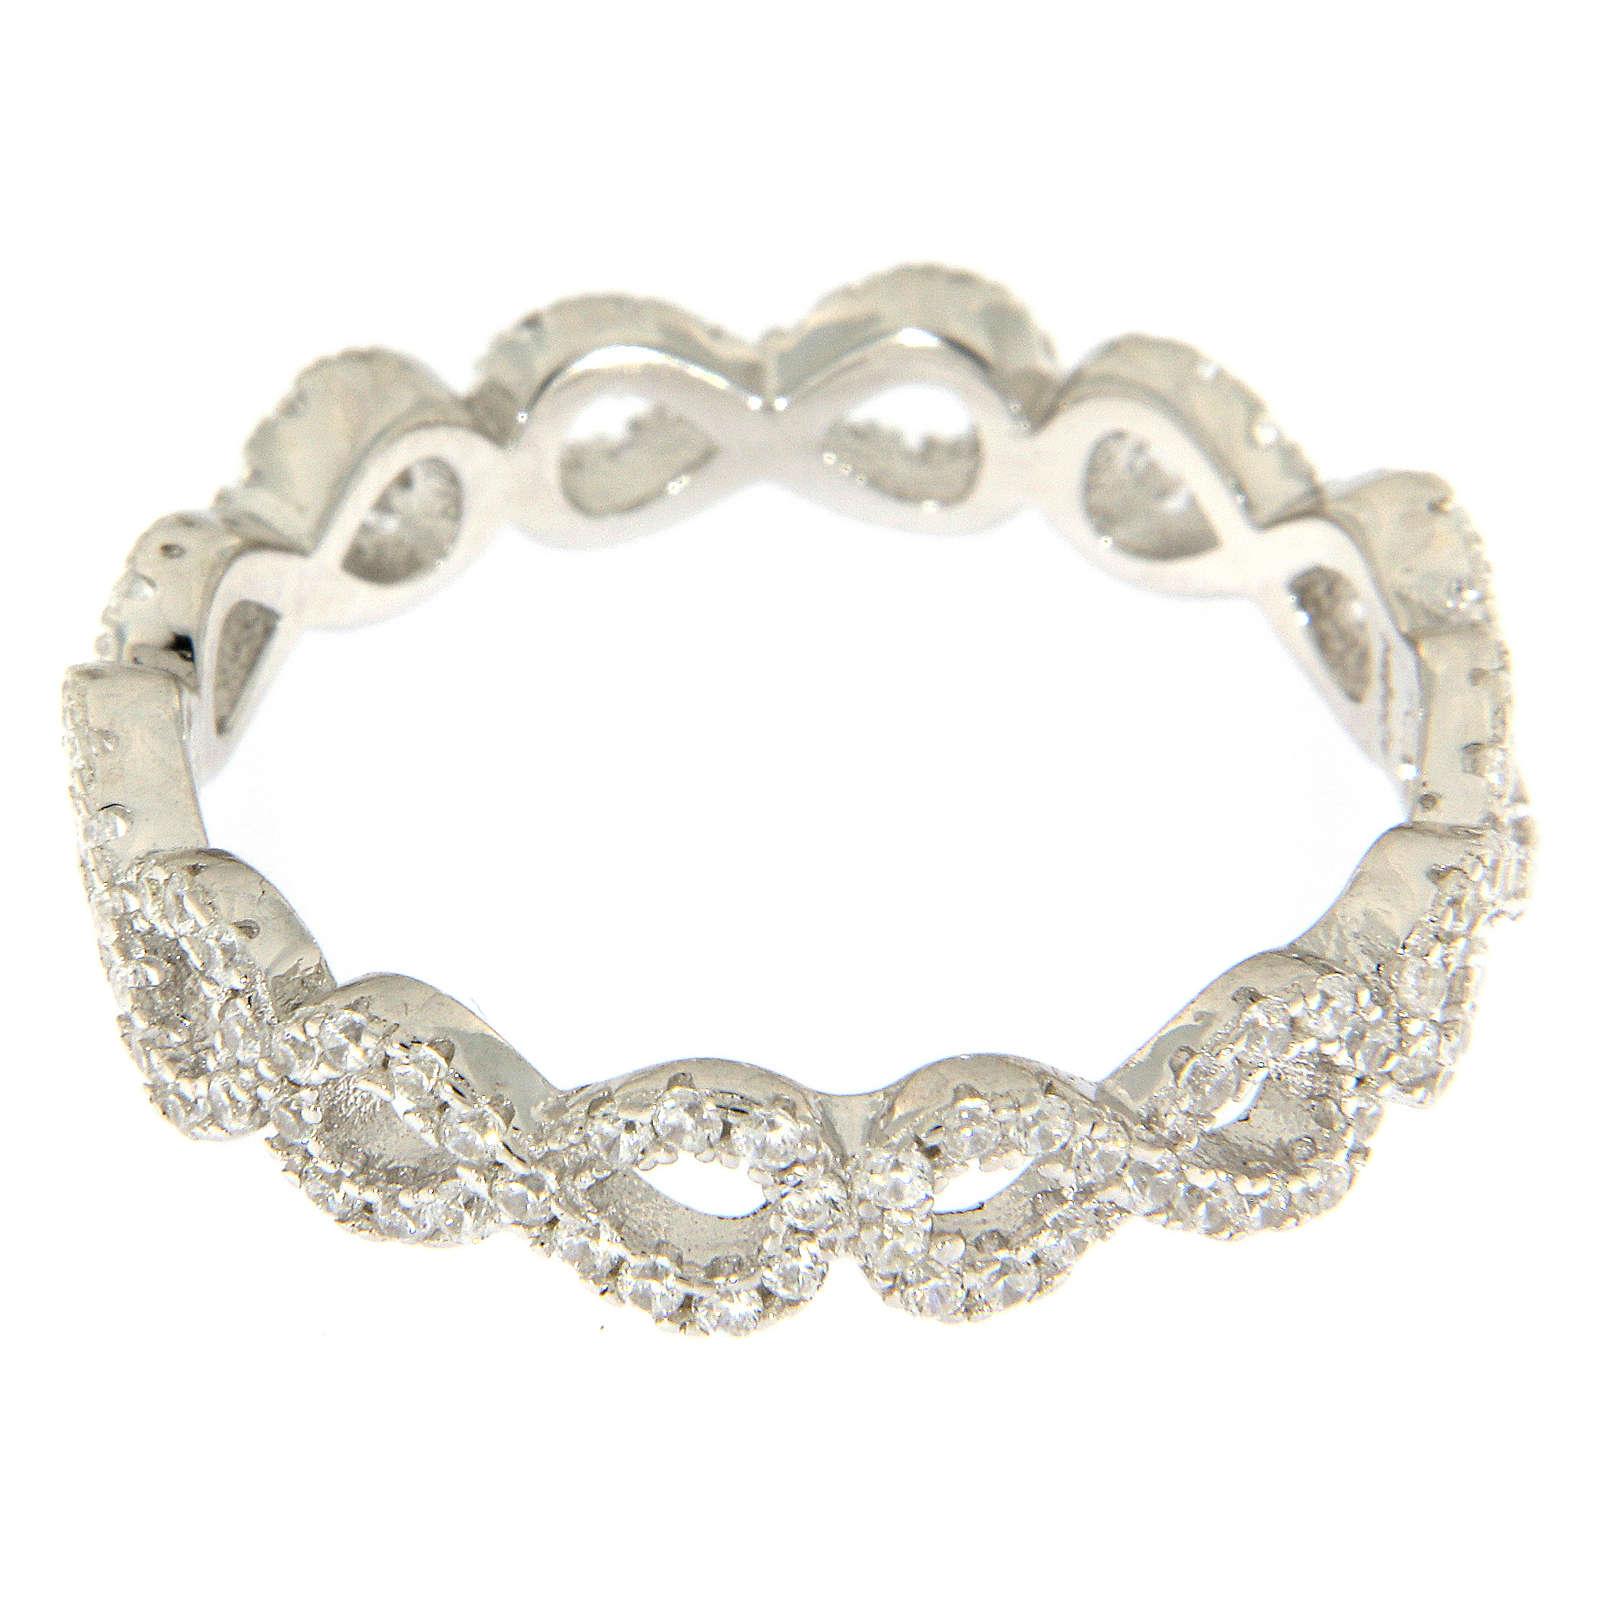 Anello AMEN infinito e zirconi bianchi argento 925 3